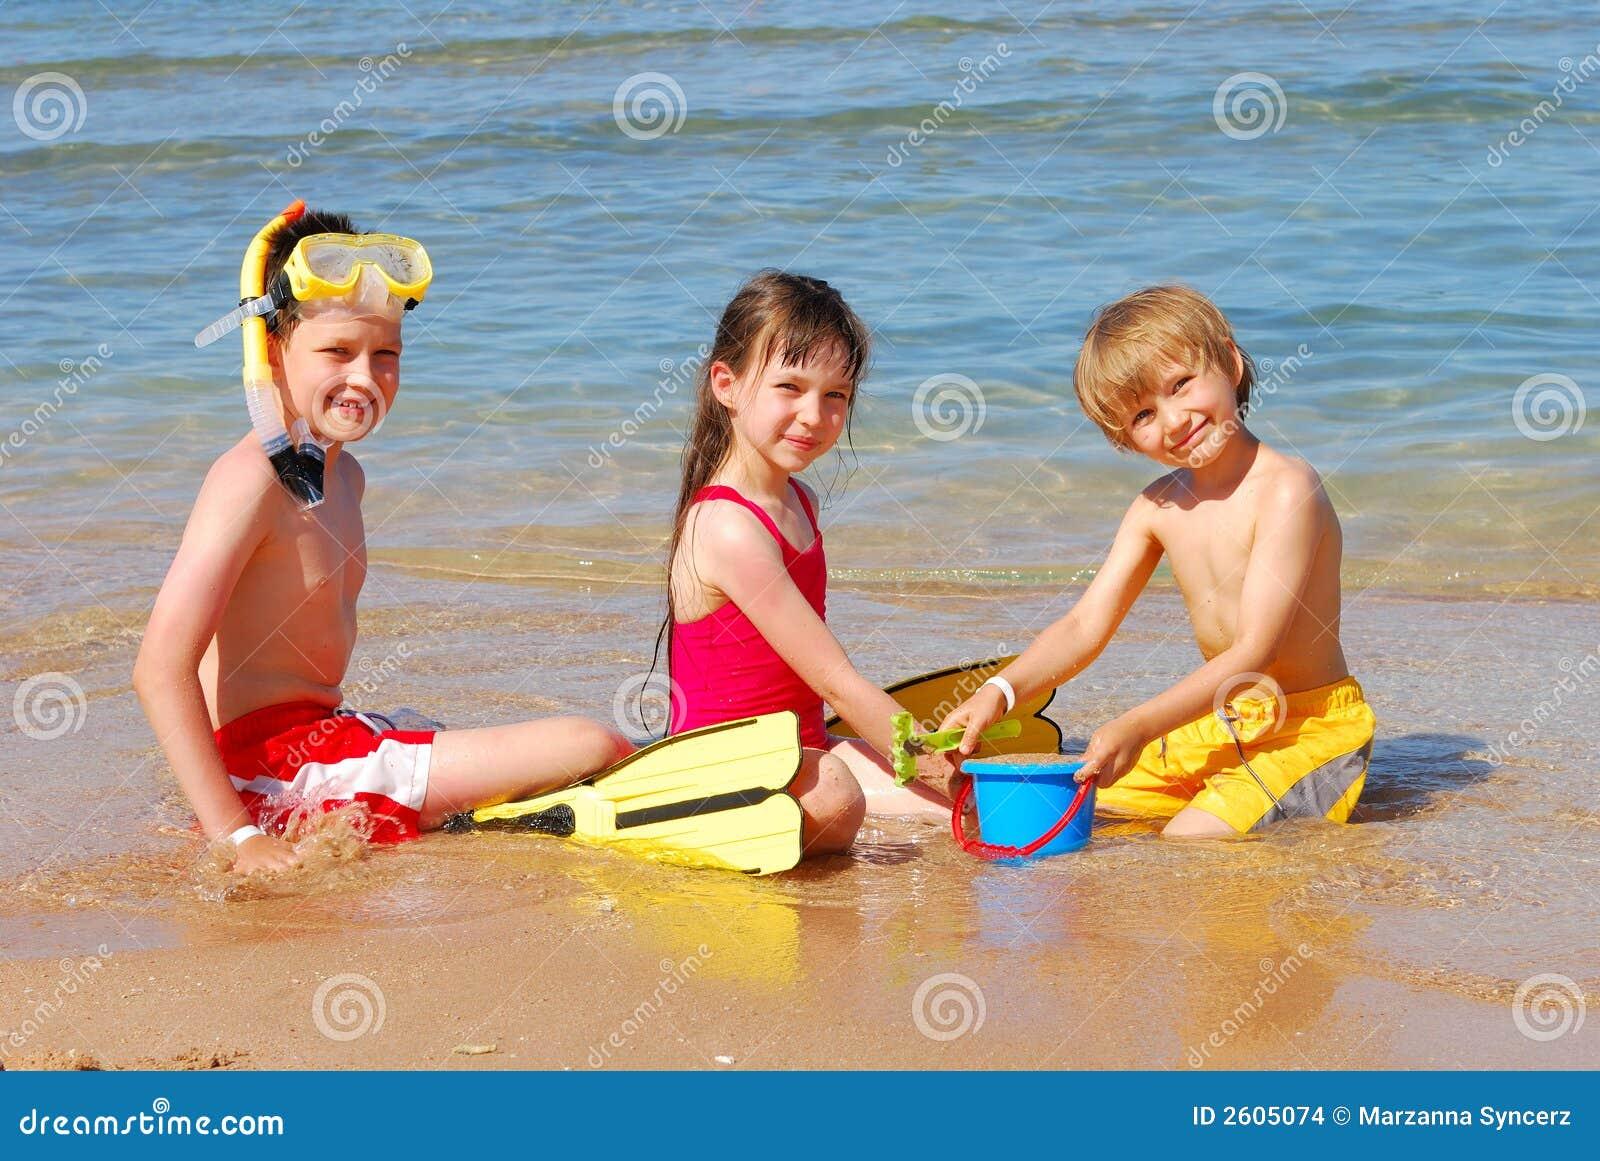 Dzieci na plaży grać